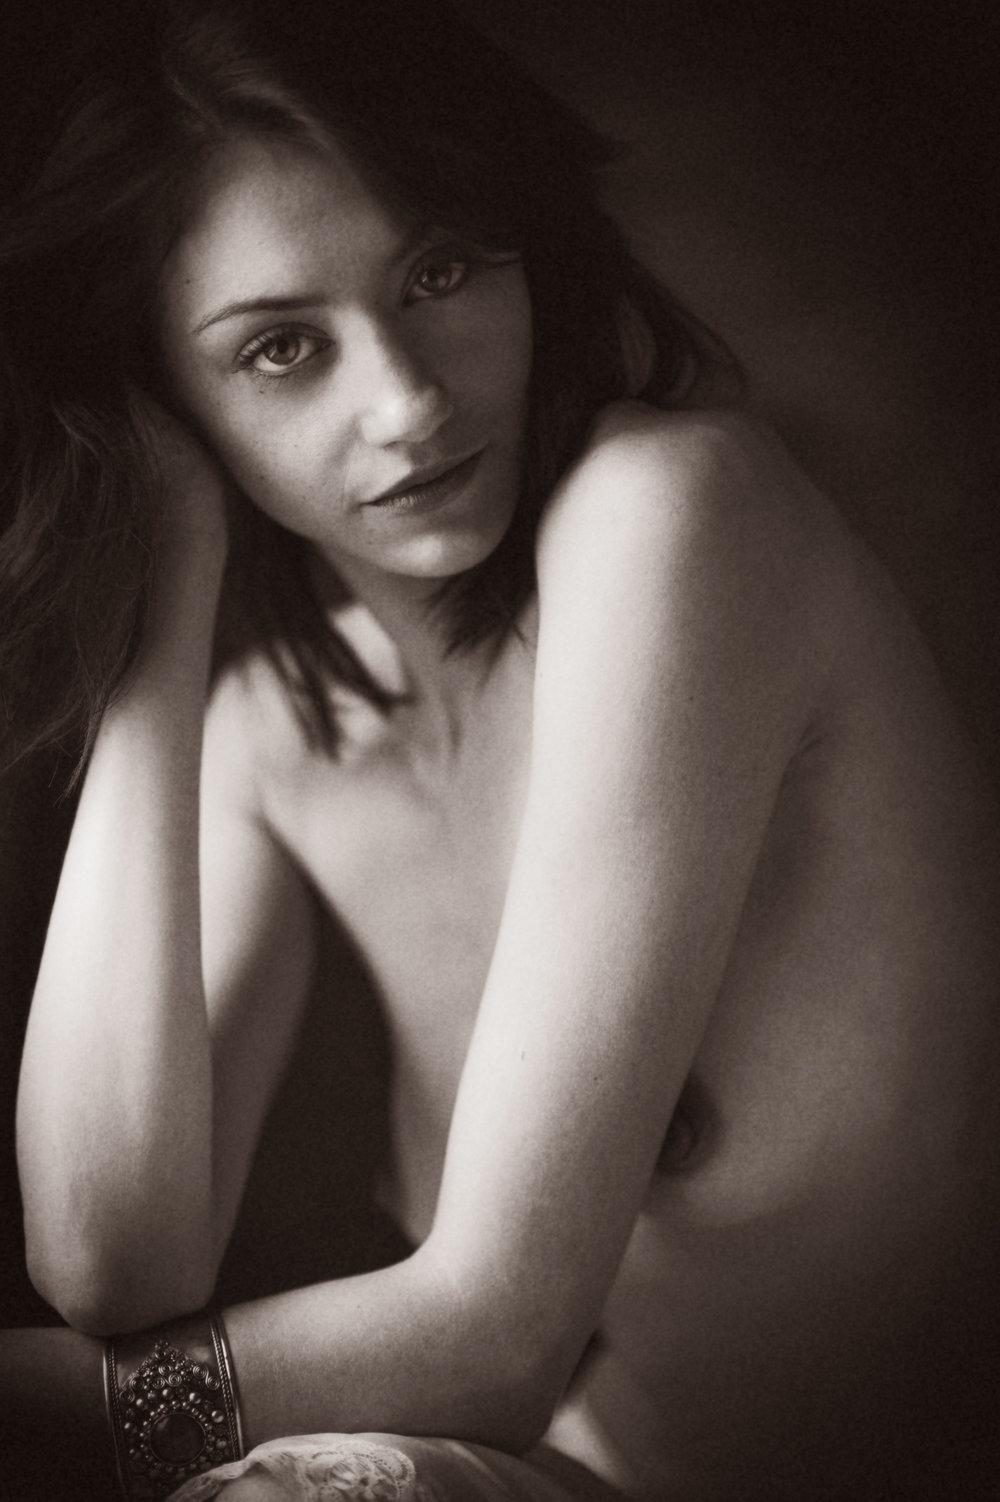 Marta-Hewson-Maggie-Mae-Taylor-boudoir-nude-Calyotype.jpg